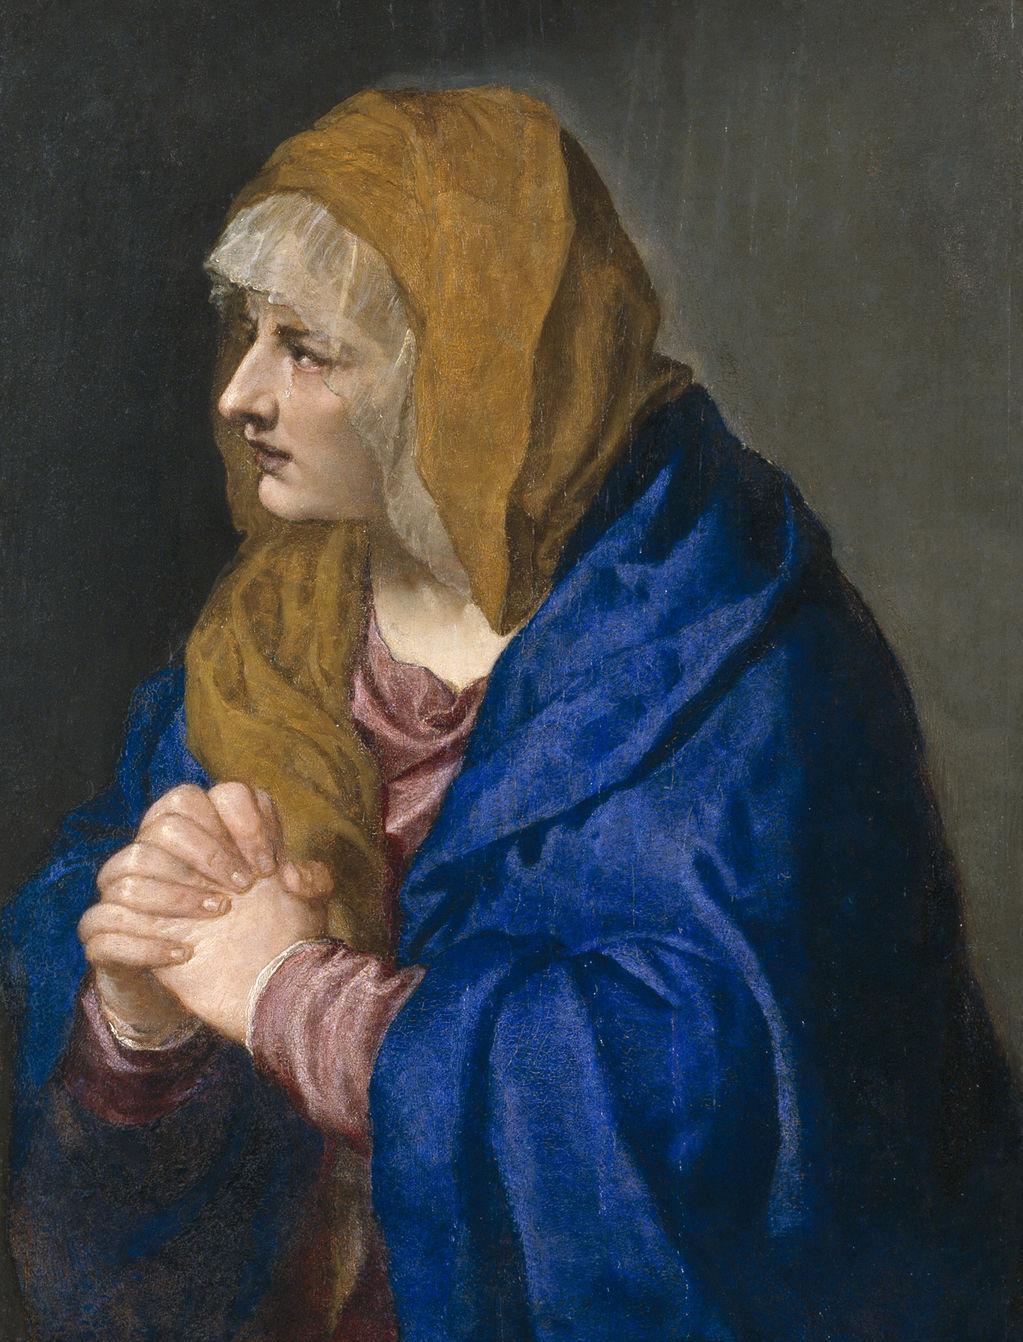 Tiziano, Vecellio di Gregorio Dolorosa con las manos cerradas 1554